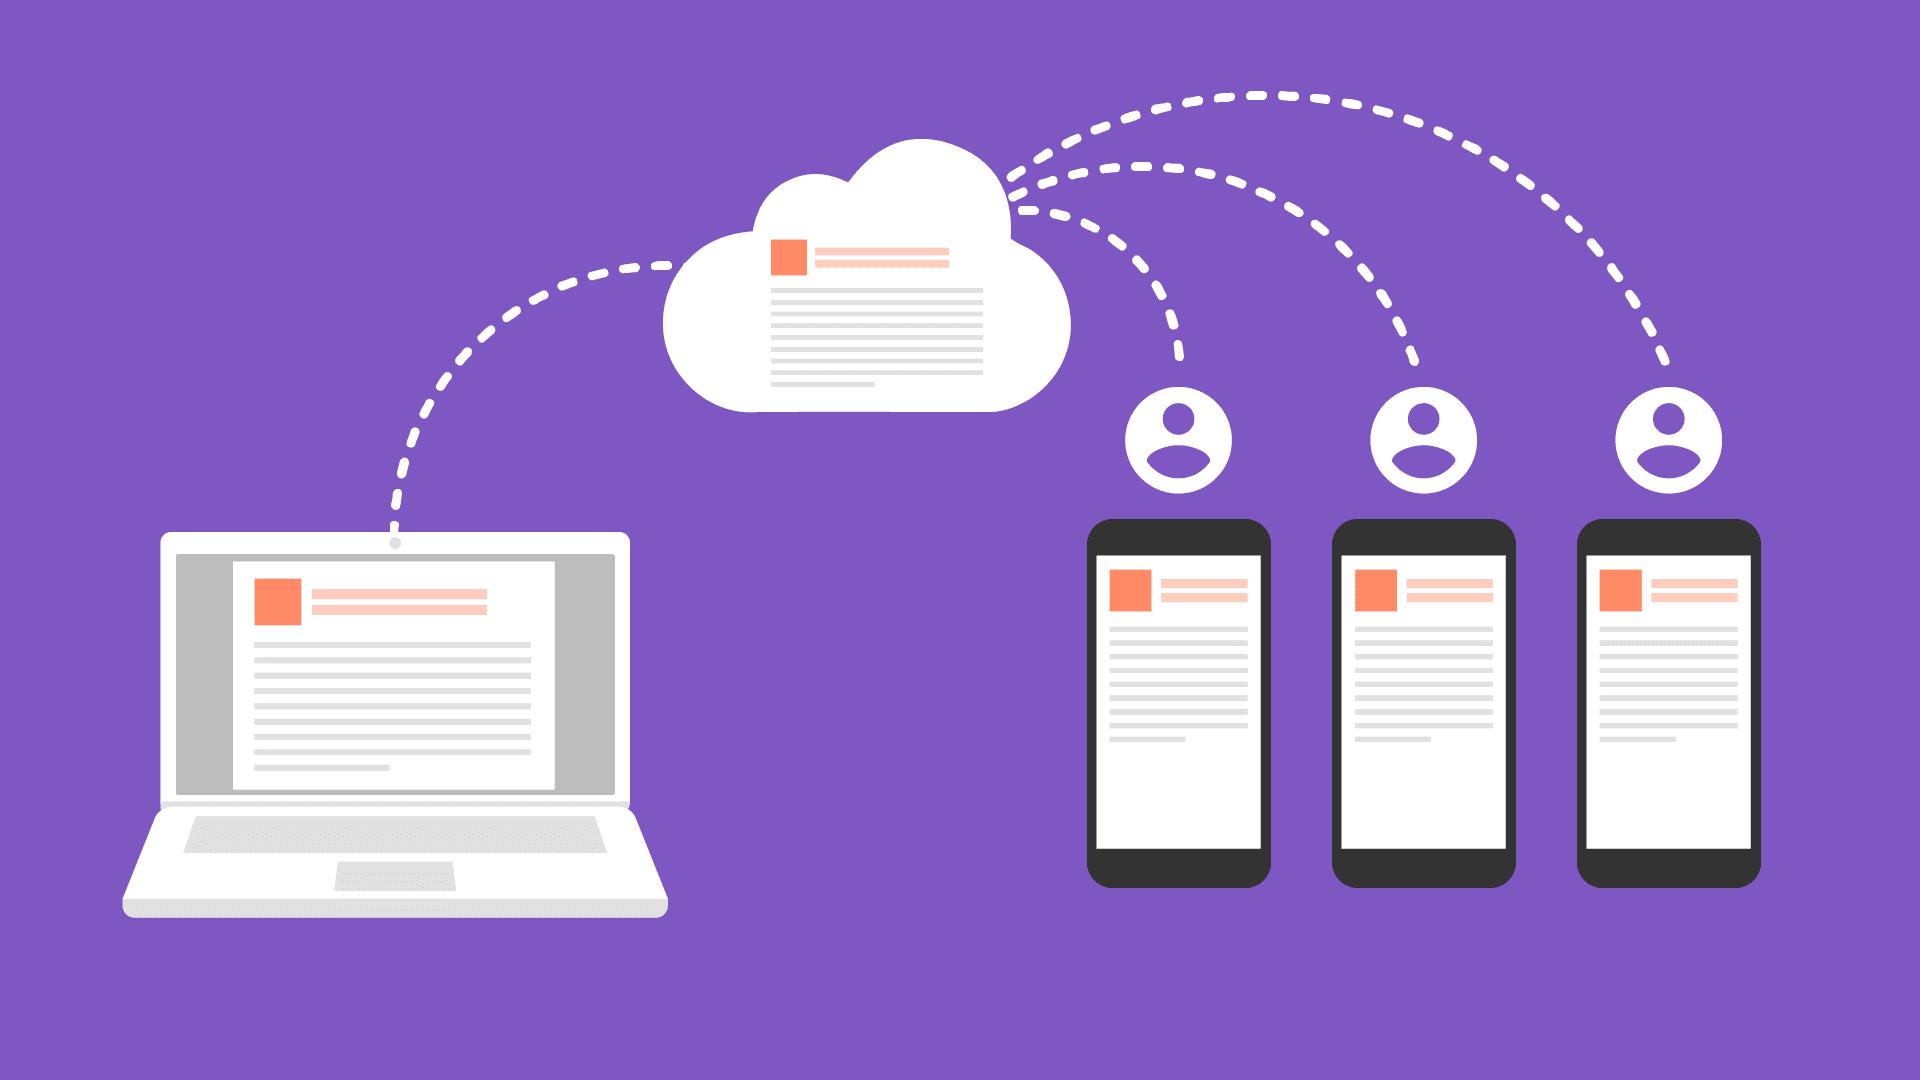 Ilustrasi sinkronisasi data cloud dengan klien